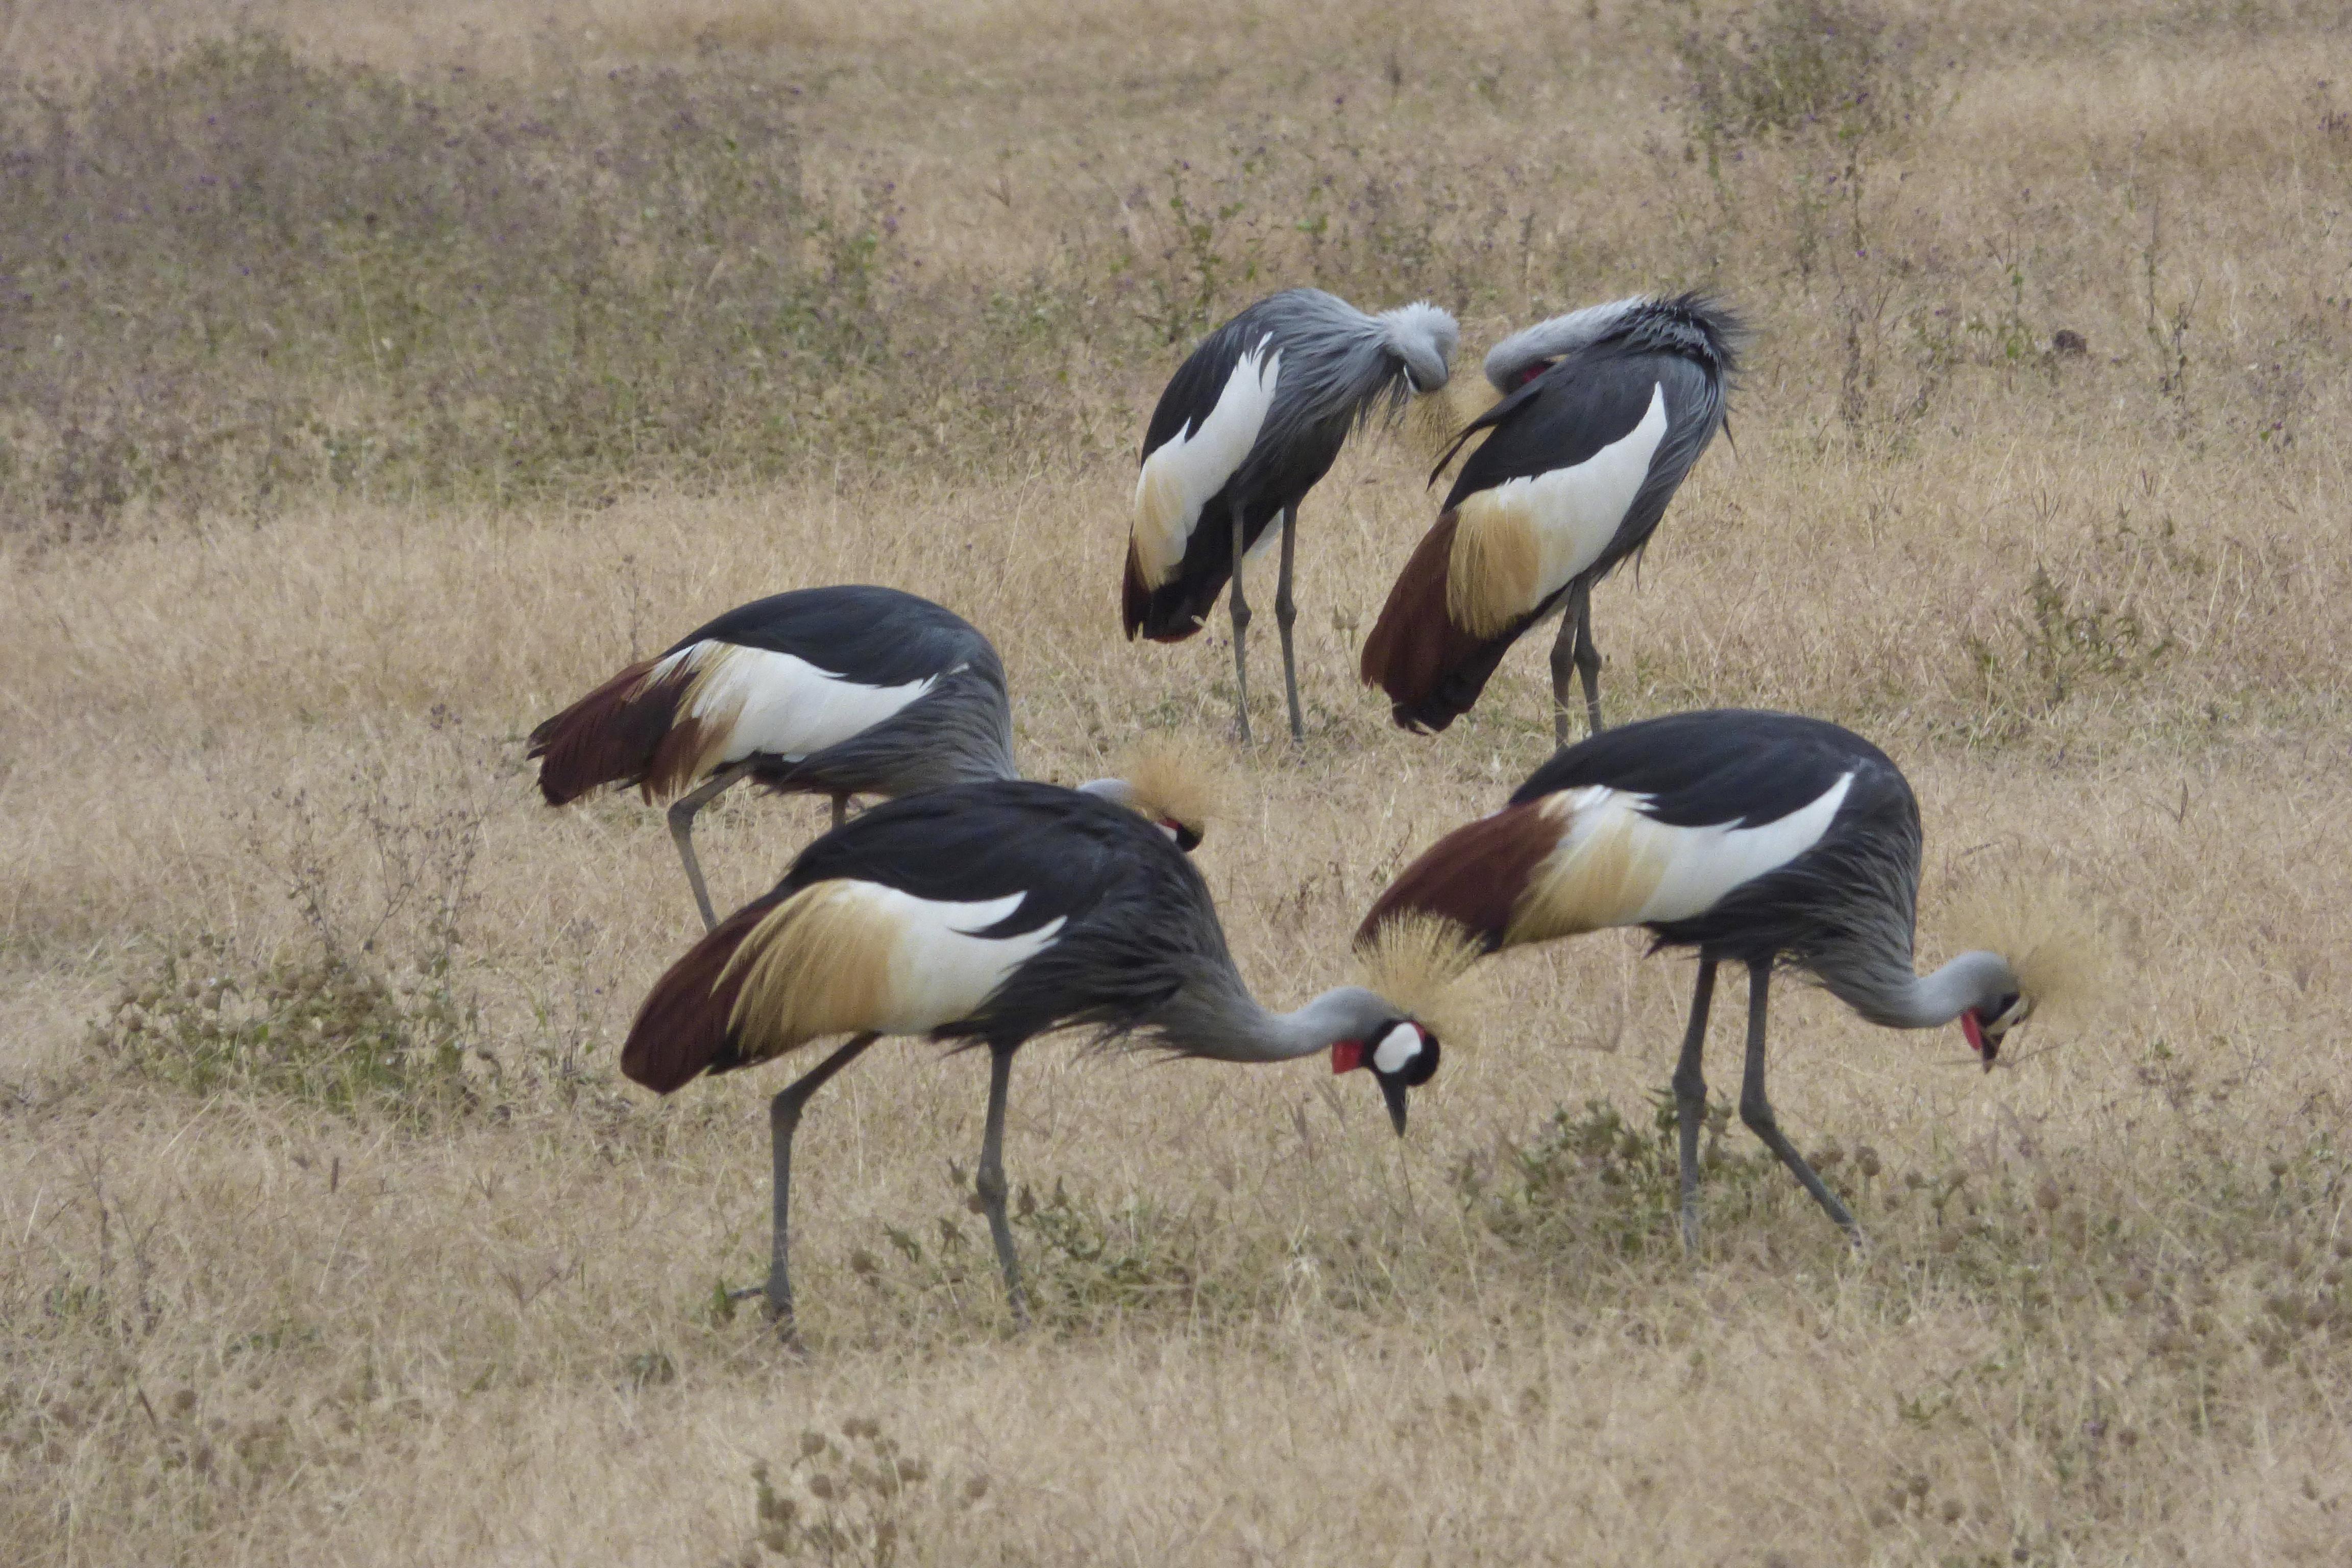 Crested Cranes, Ngorongoro Crater